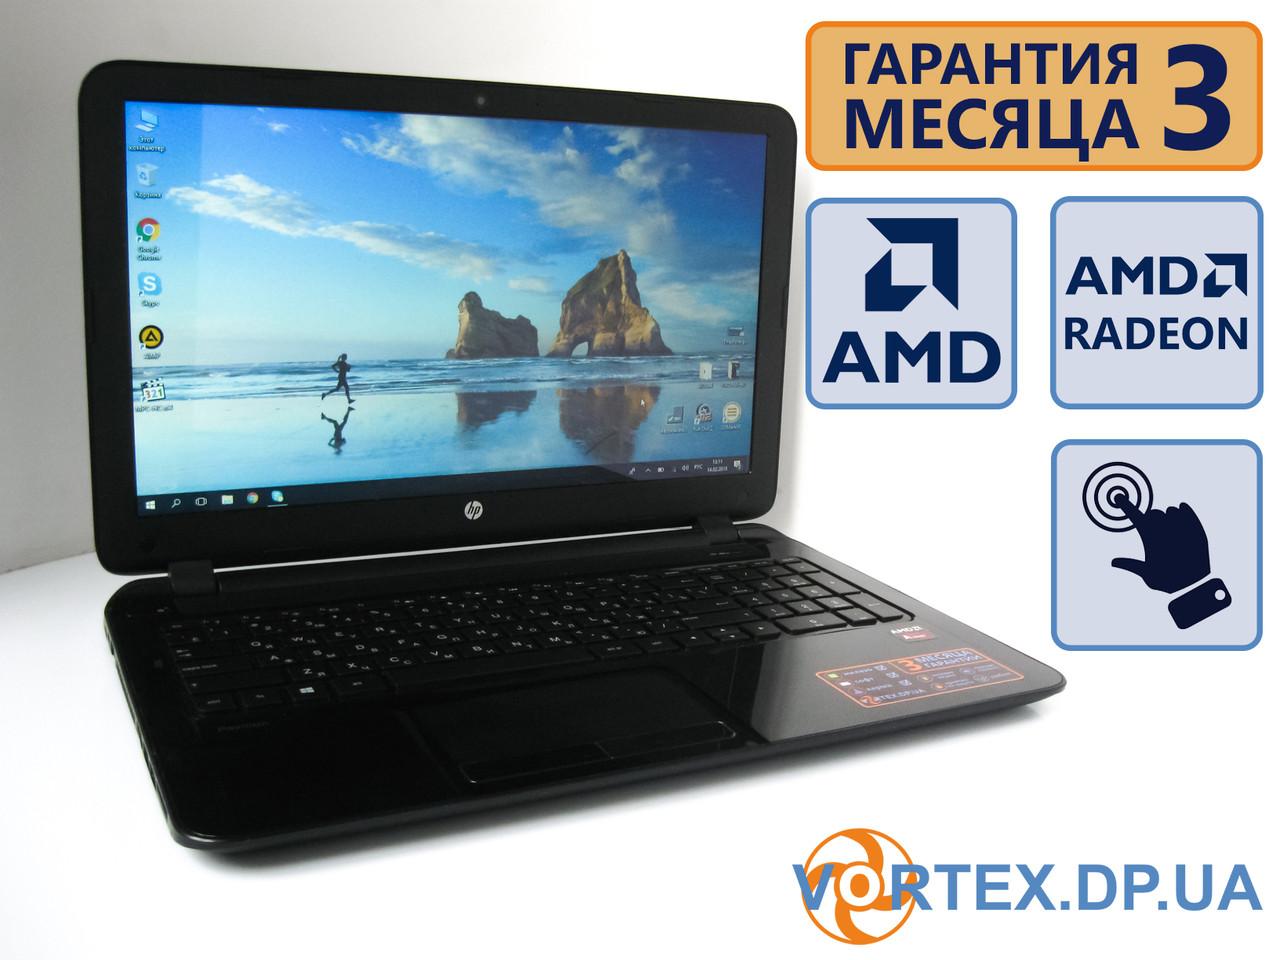 Сенсорный ультрабук HP 15-F 15.6 (1366x768) / AMD A8-7410 (4x2.2Gz) /